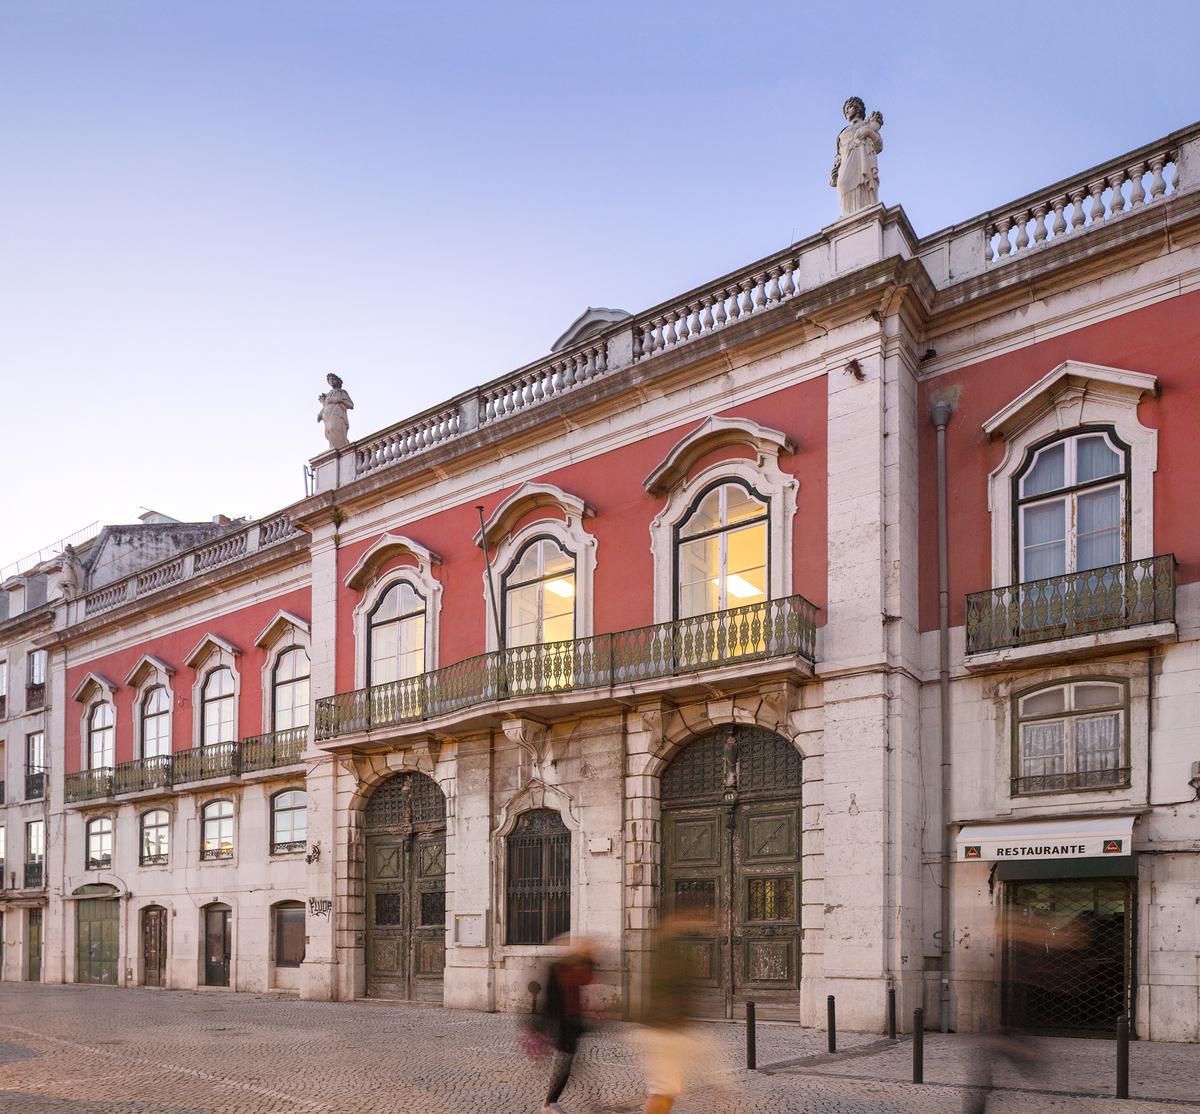 Sinel de Cordes Palace. Photos Ⓒ FG+SG. Image via flickr.com.